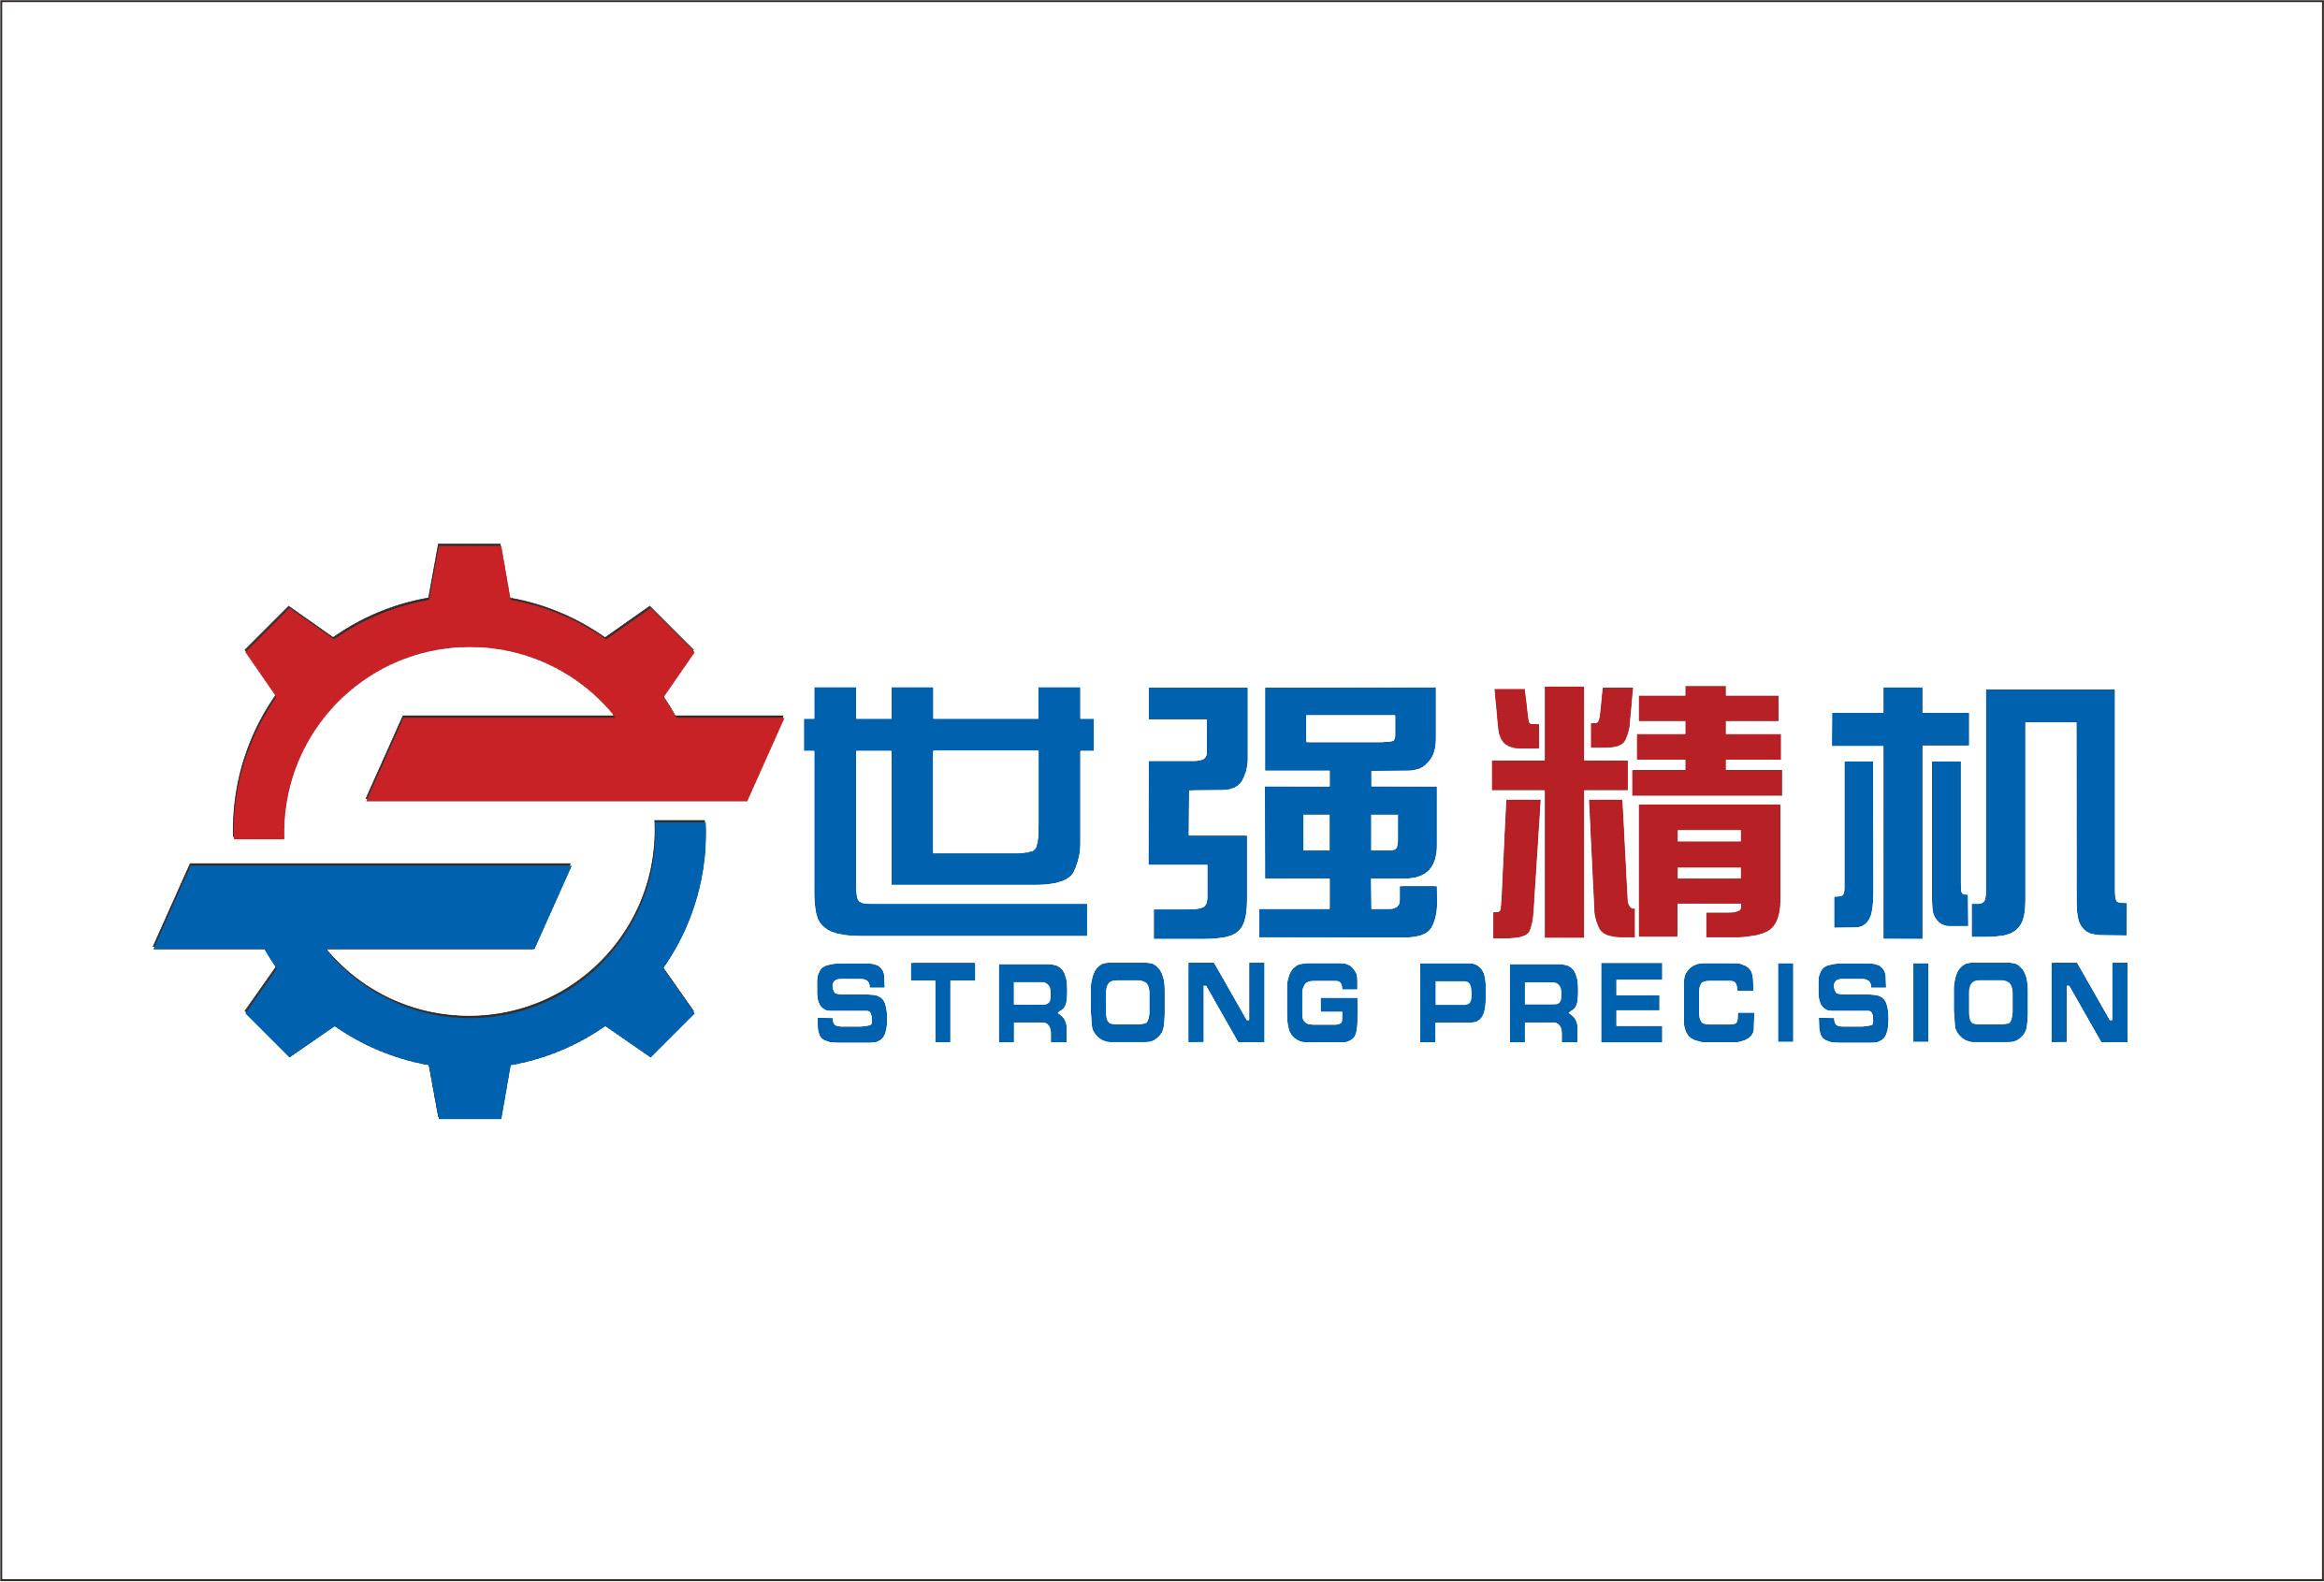 北京世強精機科技有限公司